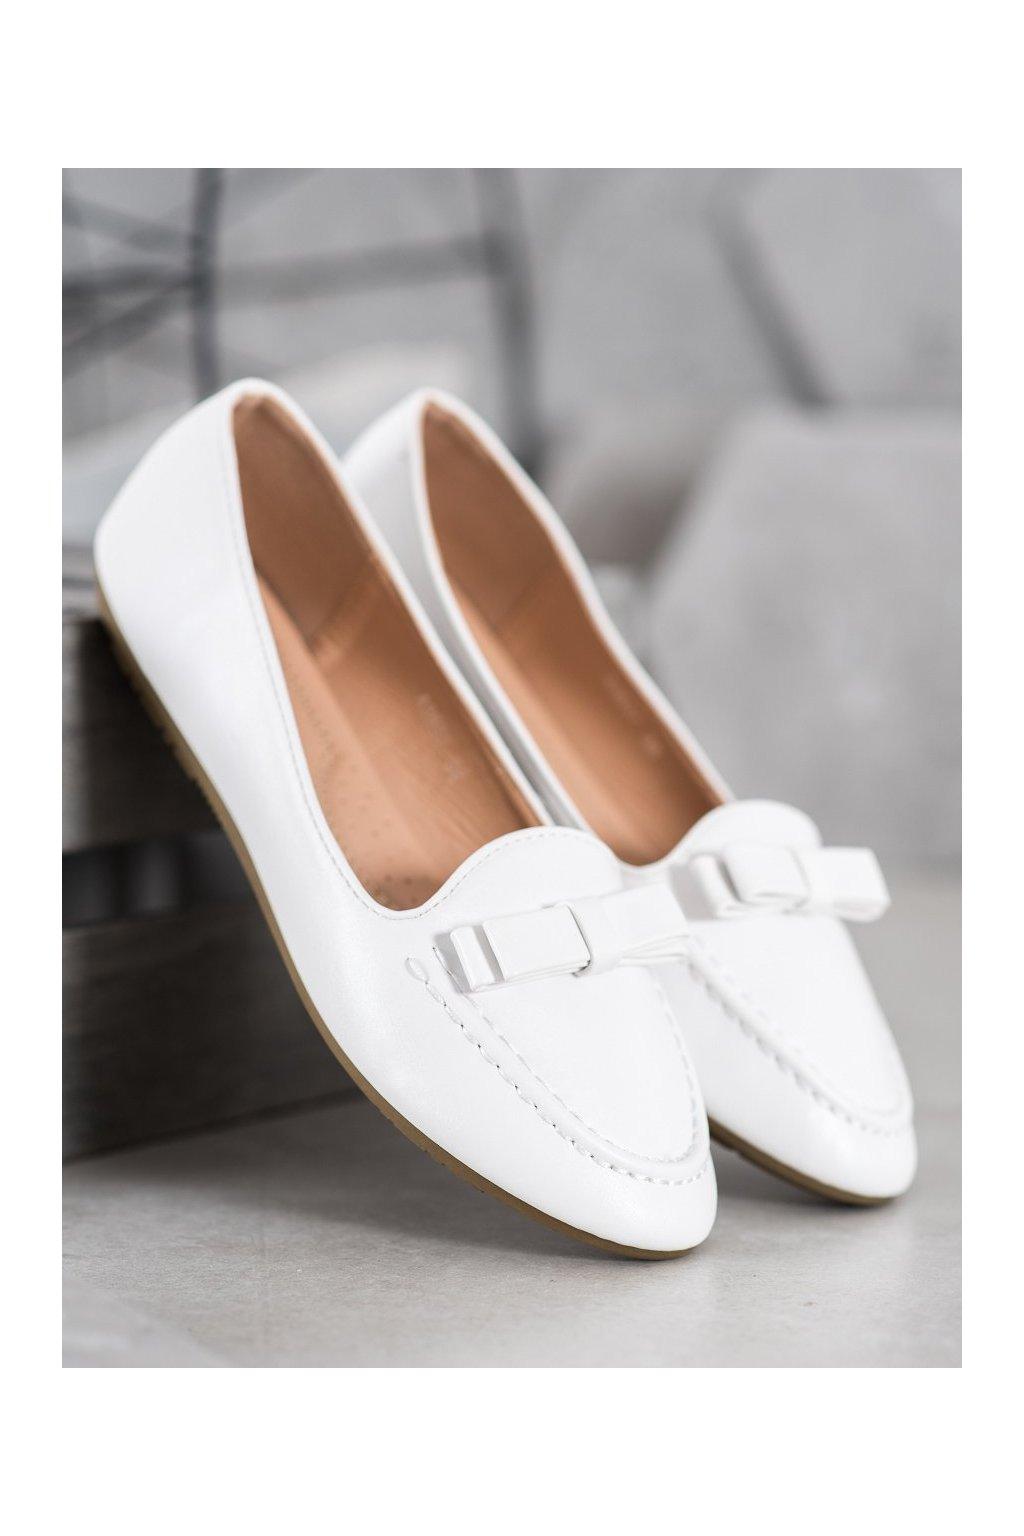 Biele dámske balerínky Shelovet kod A8637W